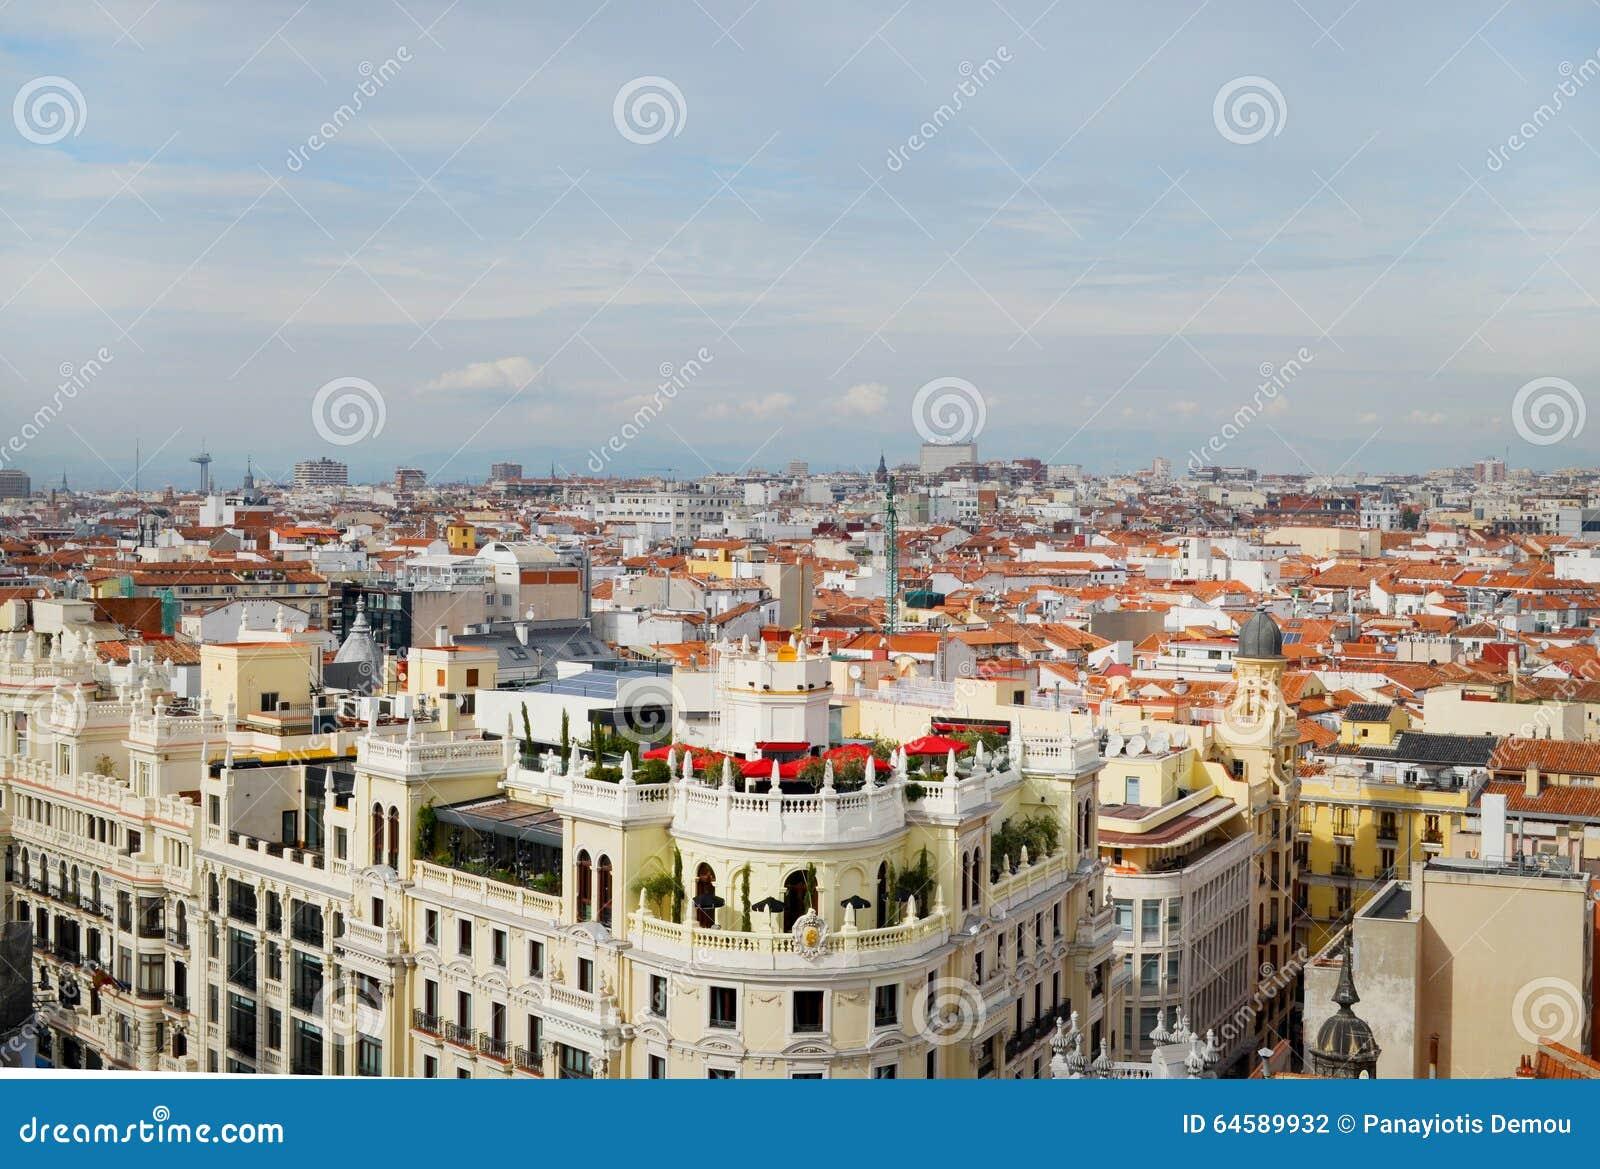 View of the Gran Via, Madrid spain